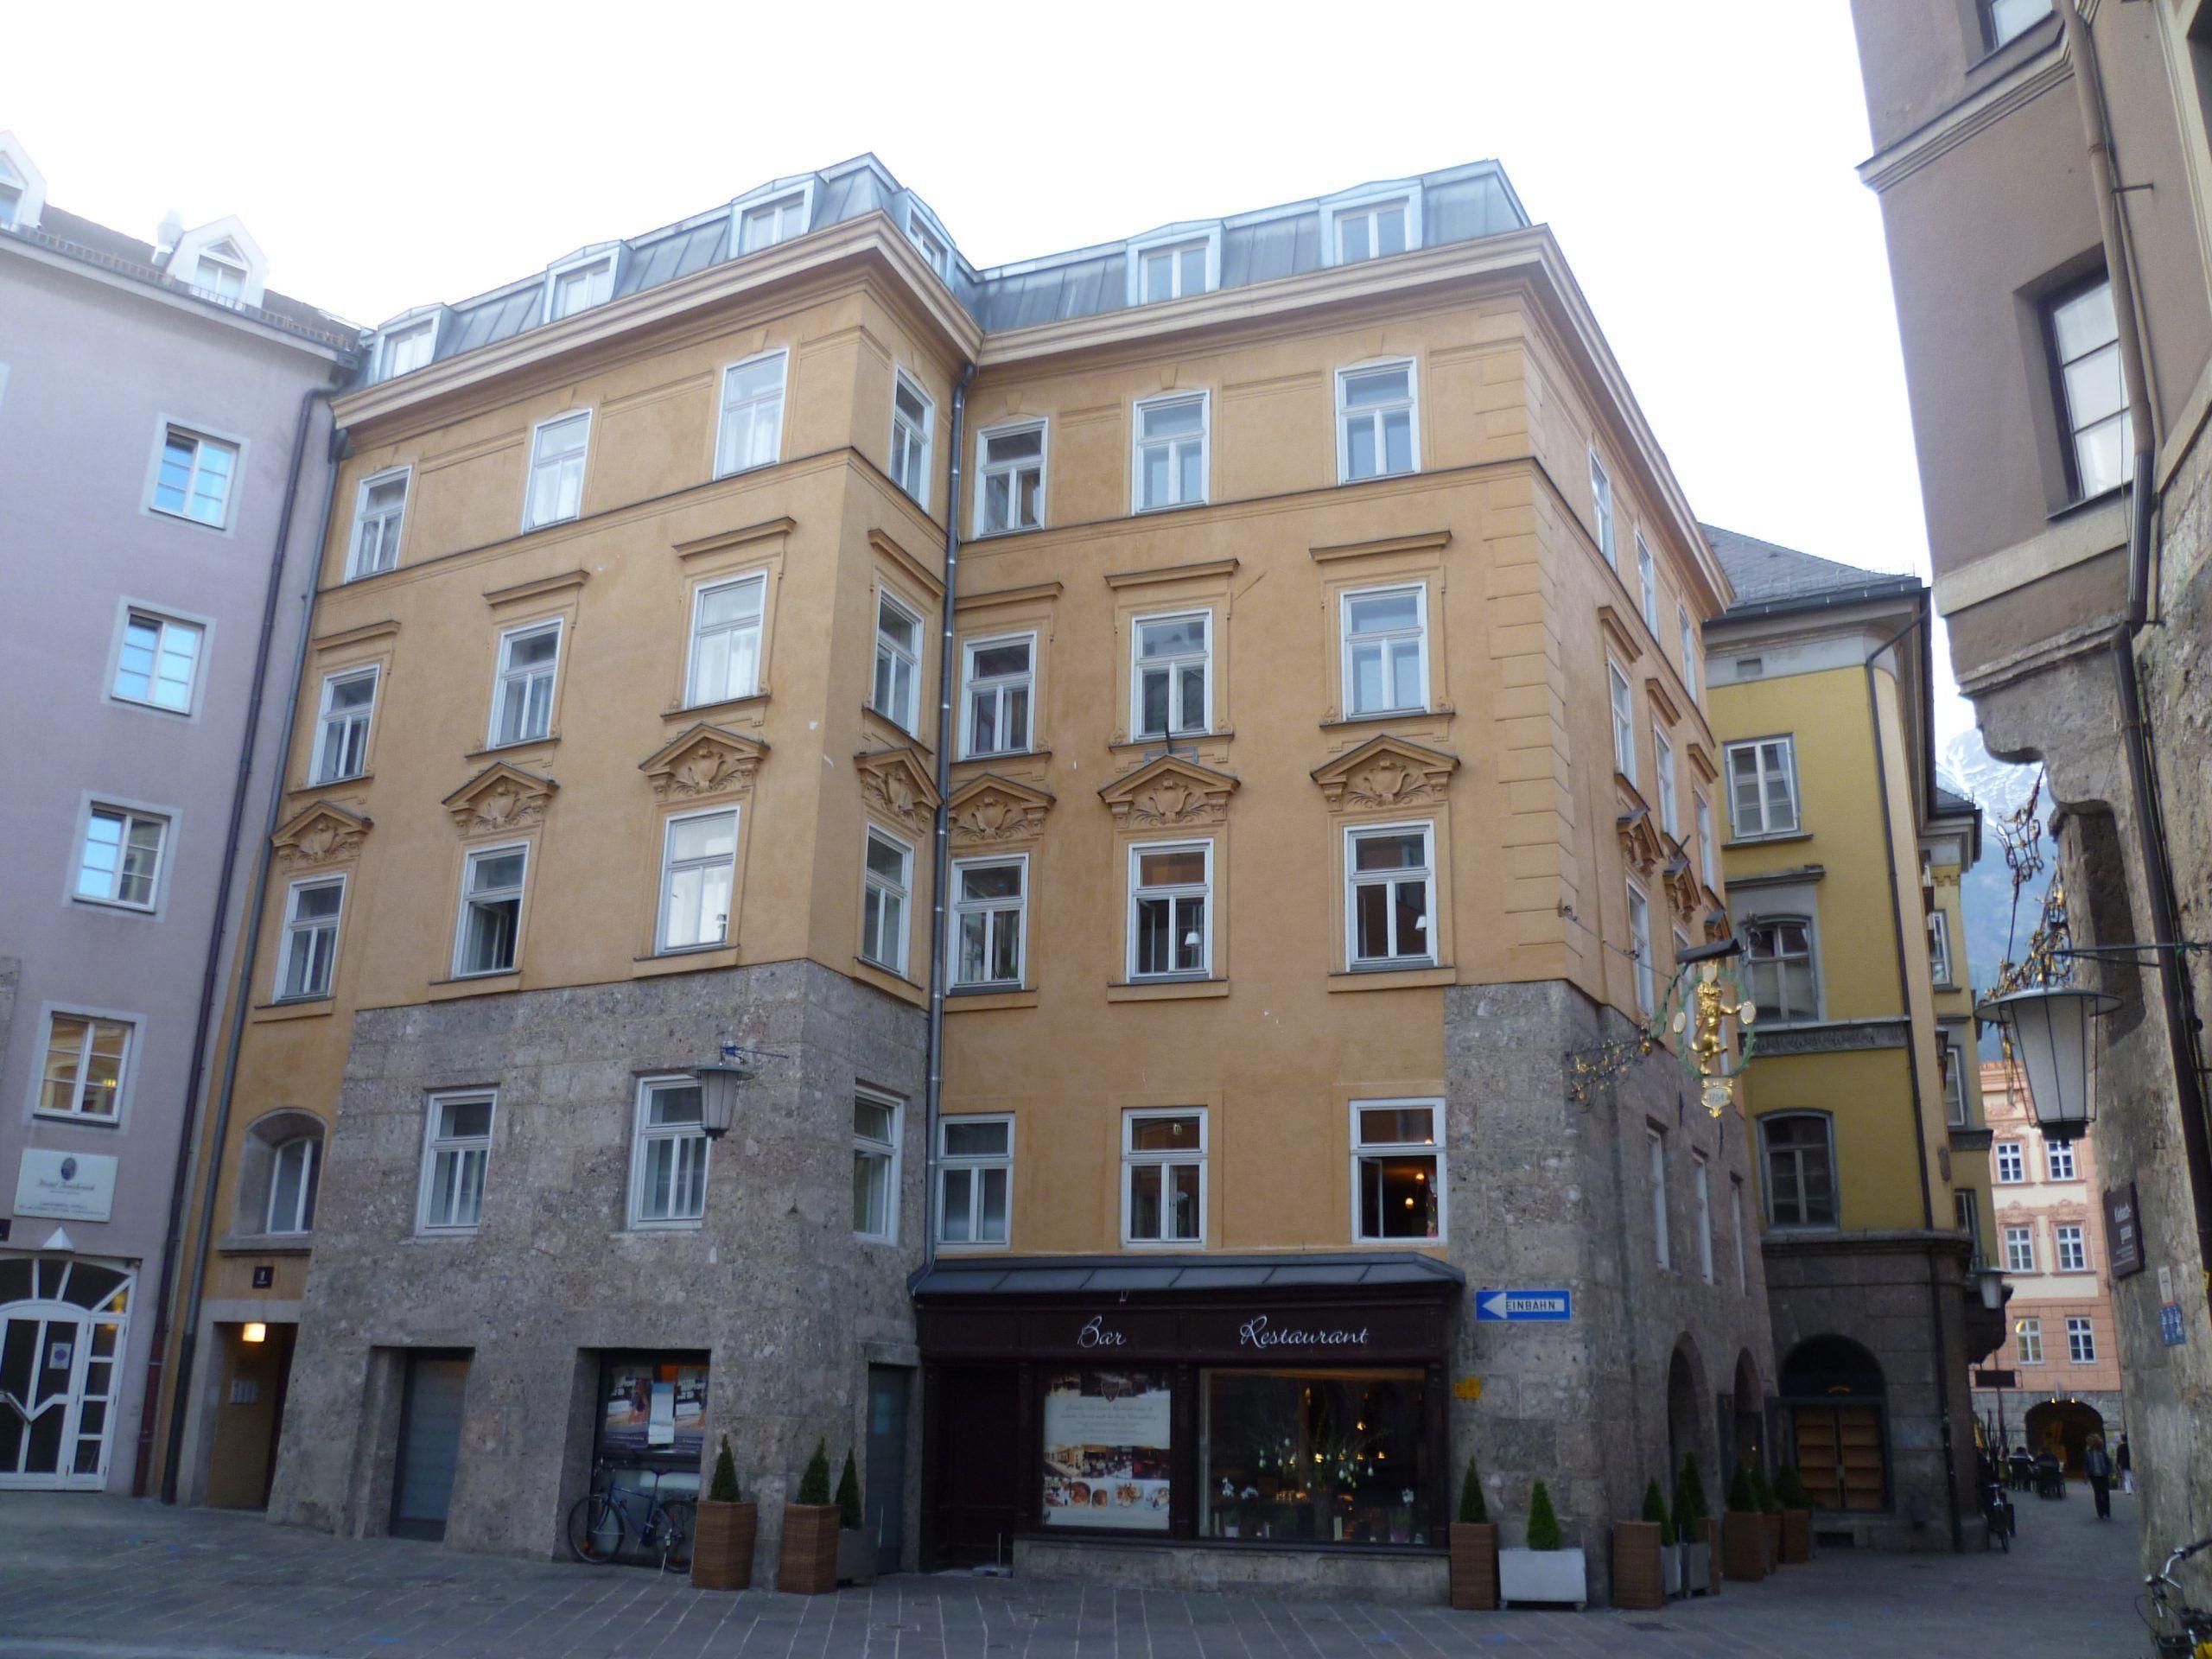 Innsbruck, ragazza italiana trovata morta in uno studentato